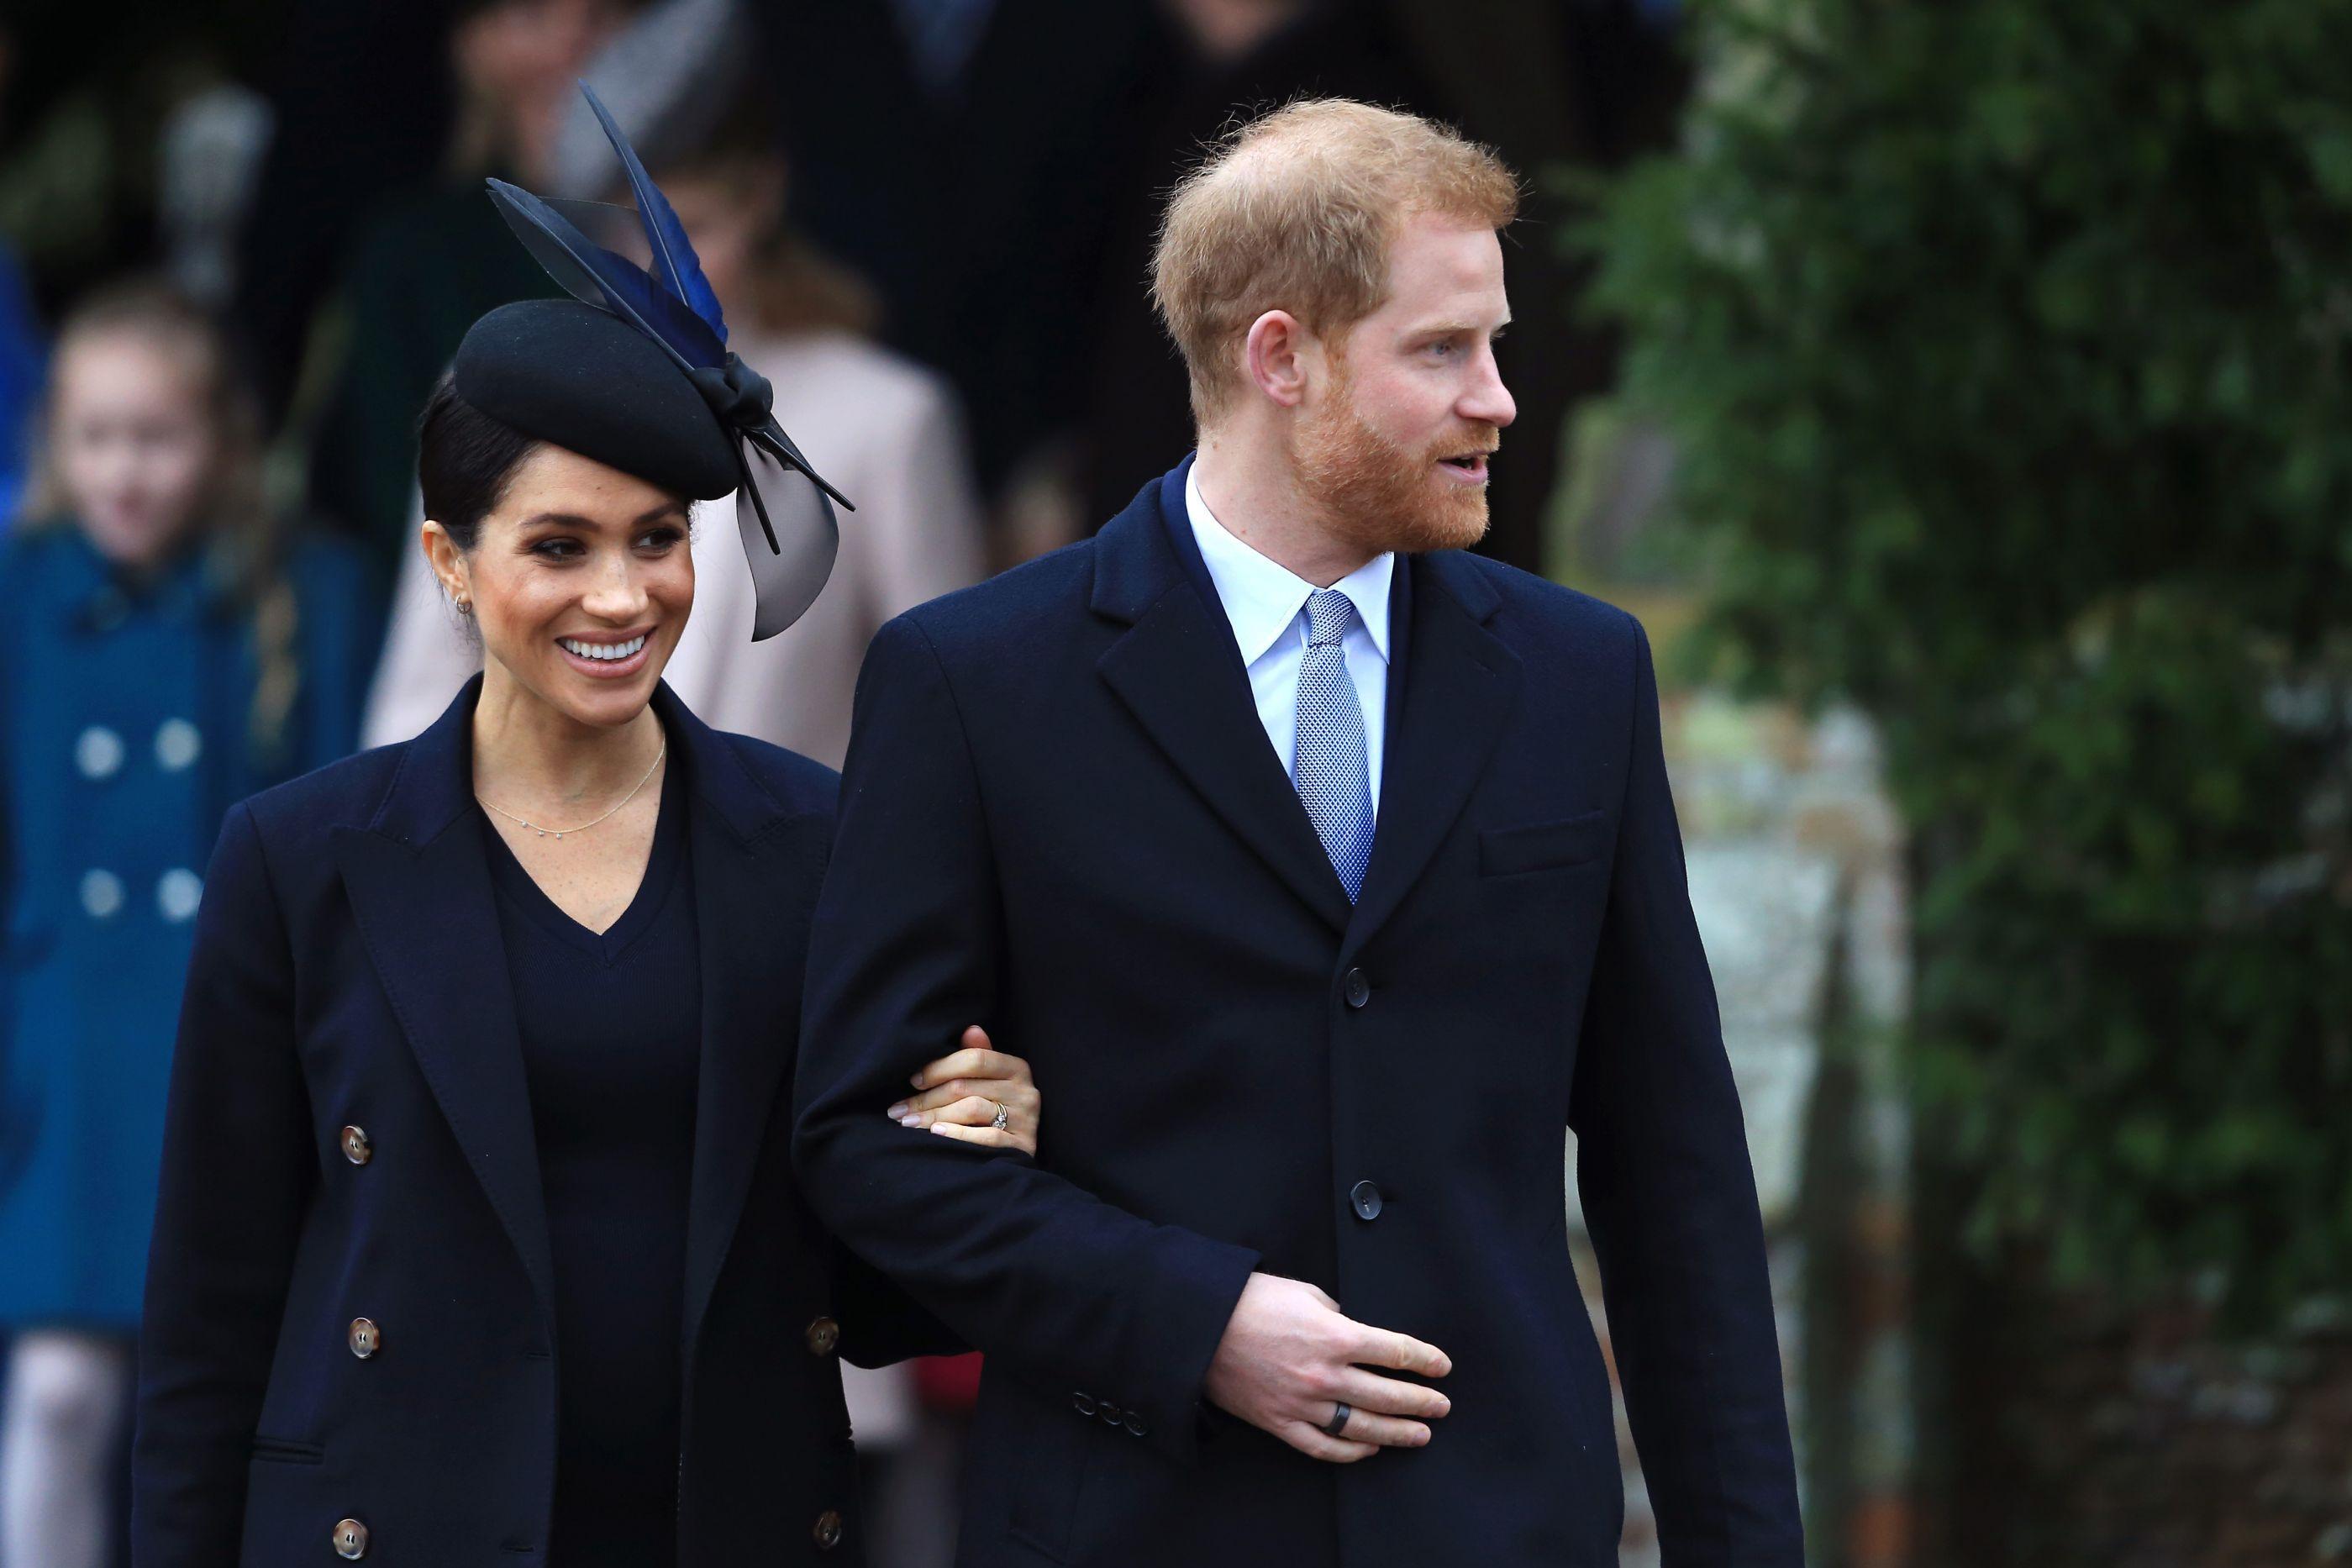 Príncipe Harry disse não ao álcool nas comemorações de ano novo. Porquê?